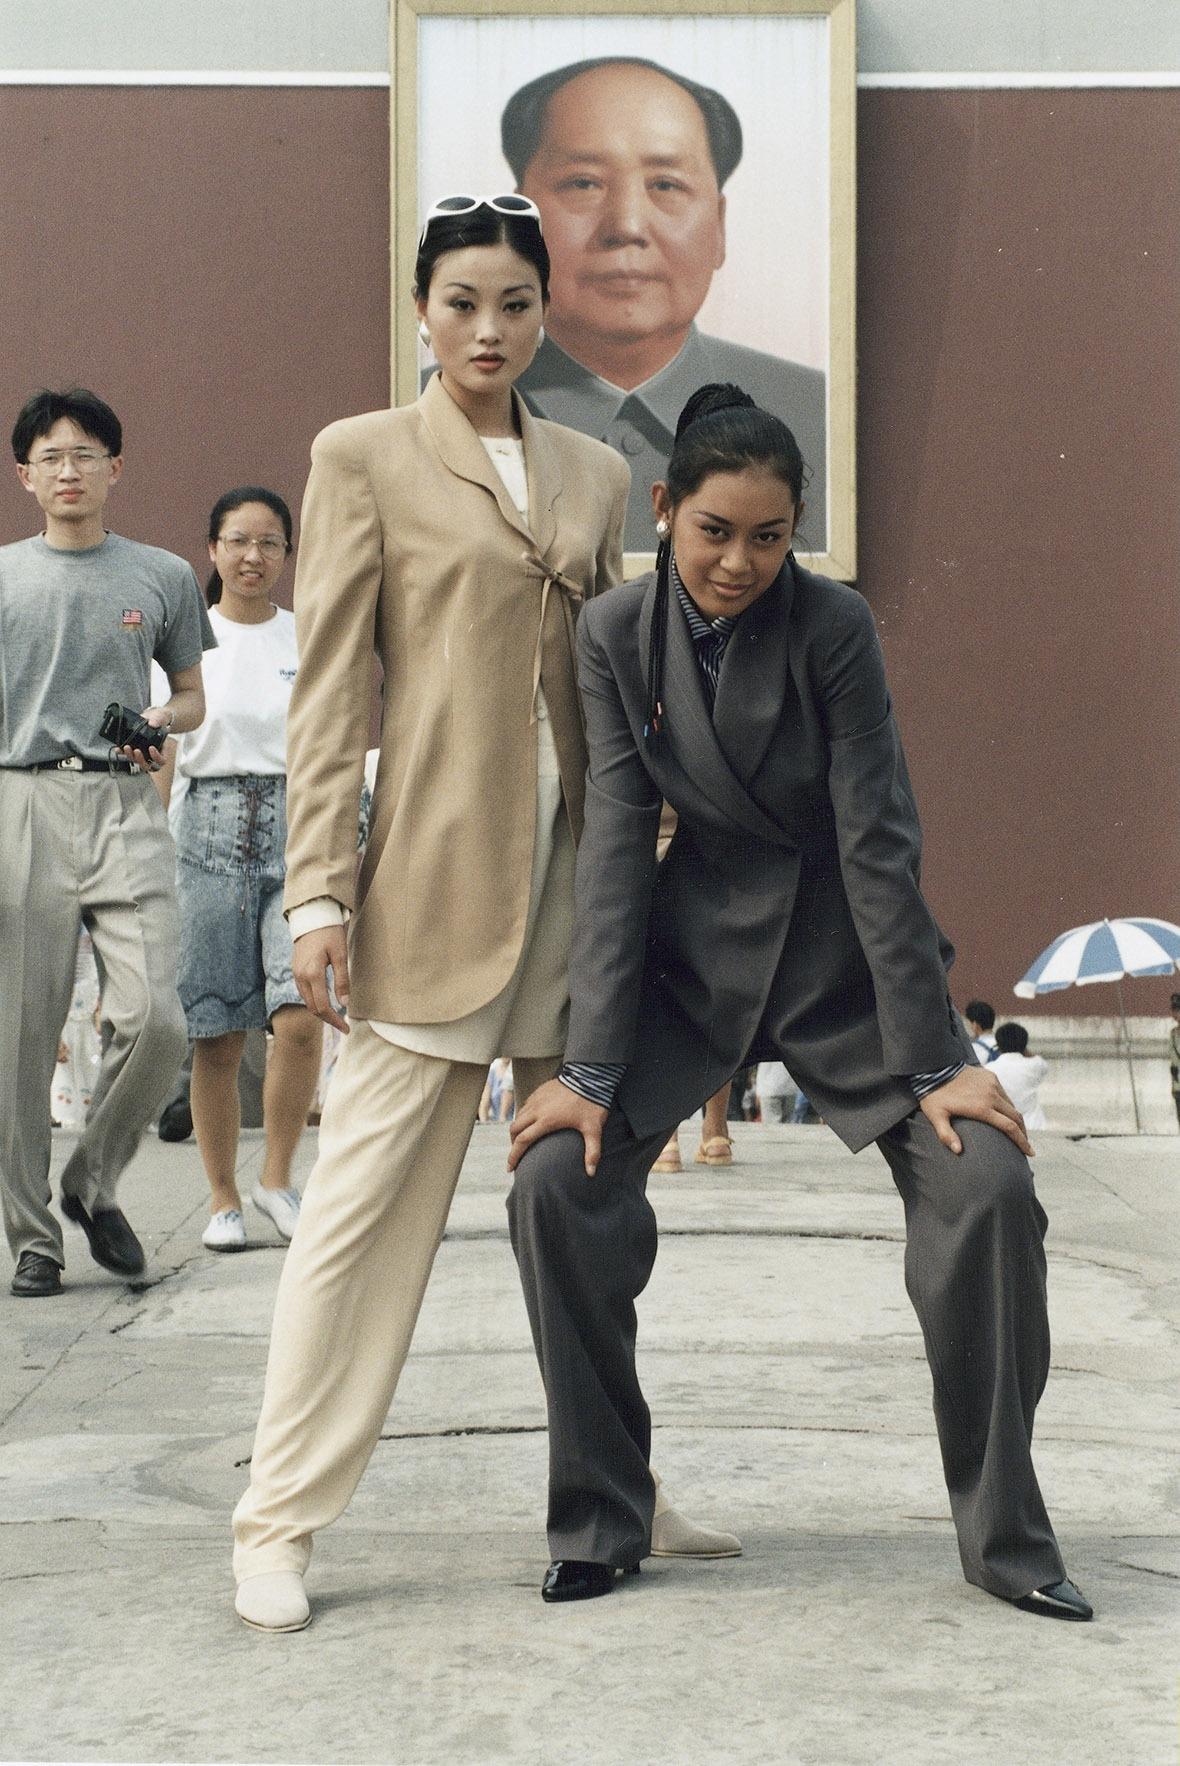 兩名模特兒穿上米色和灰色的休閒西褲套裝,在毛澤東的畫像前擺甫士。